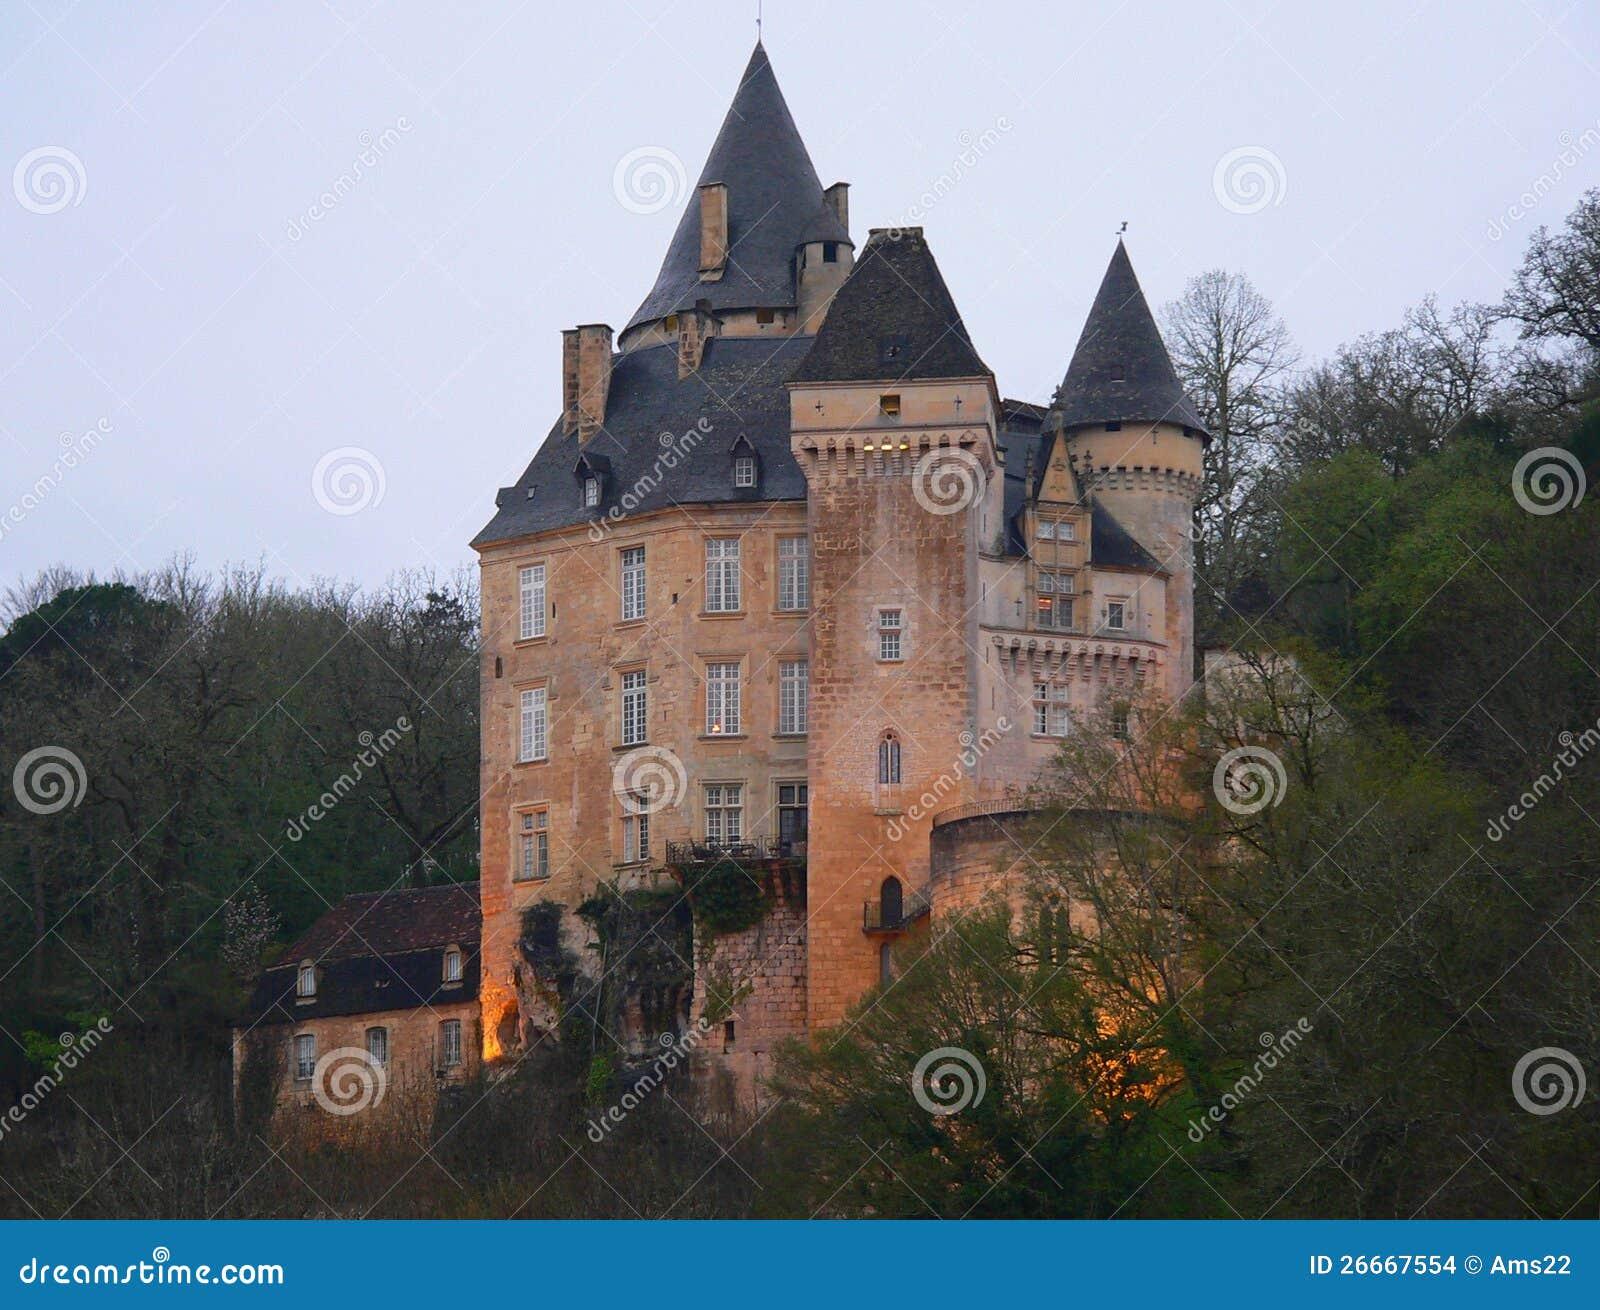 Chateau De La Roque Meyrals France Stock Images